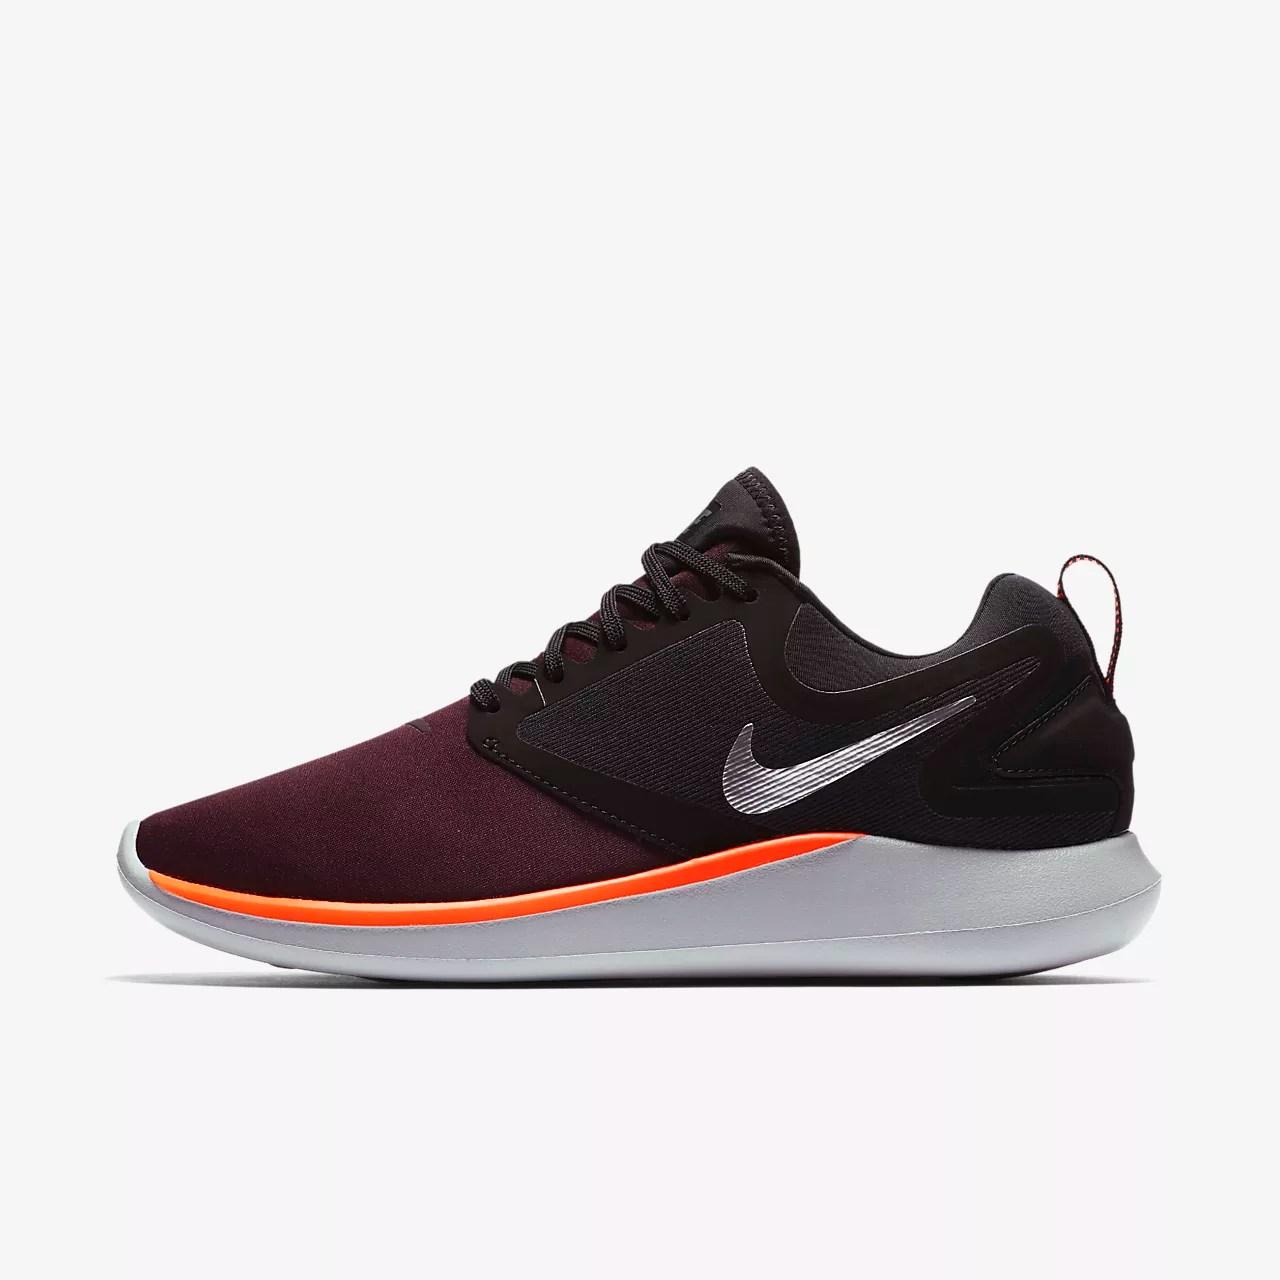 Nike LunarSolo 男子跑步鞋-耐克(Nike)中國官網